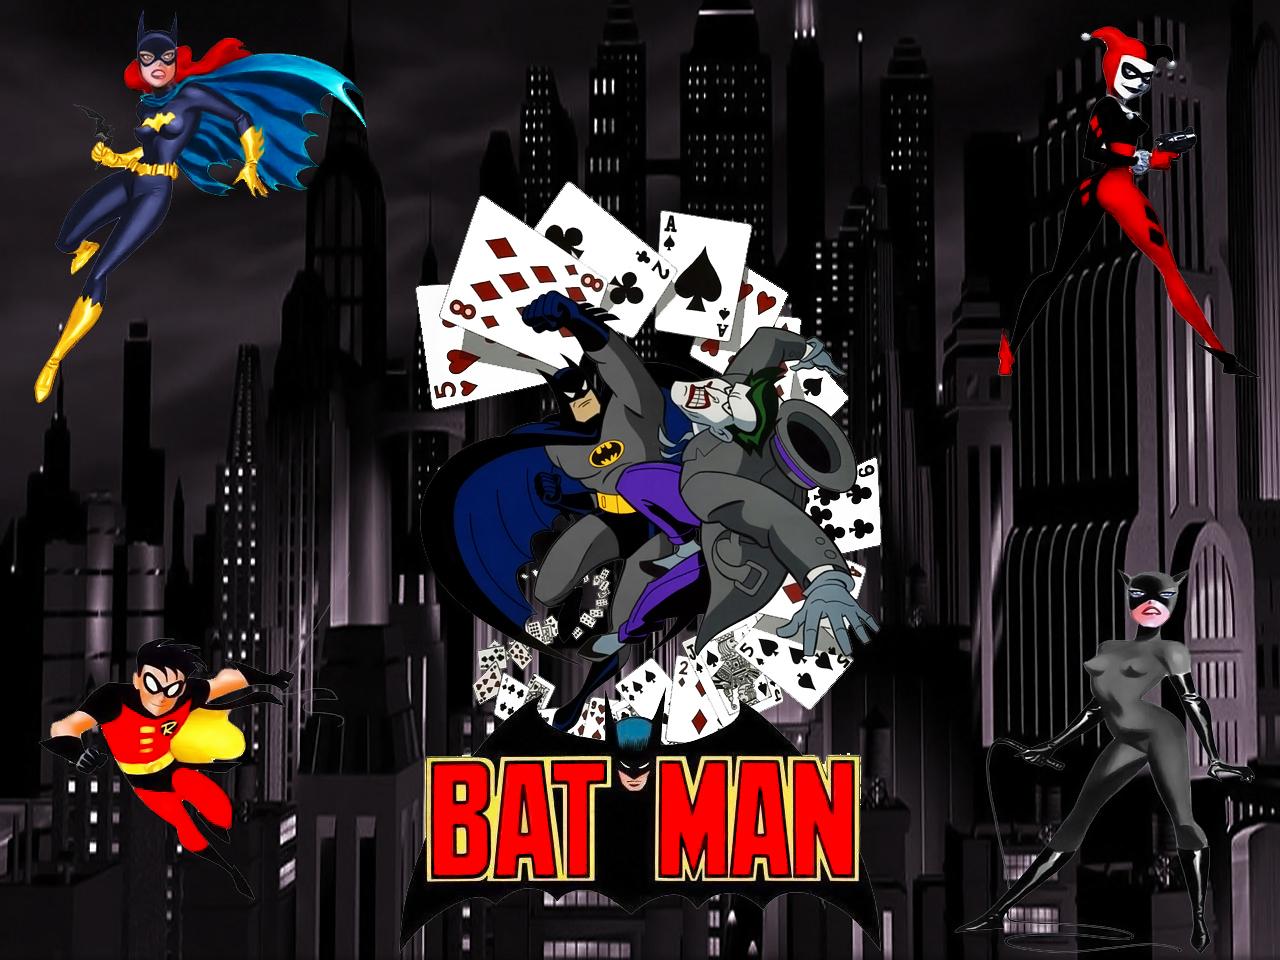 Batman Animated wallpaper by SWFan1977